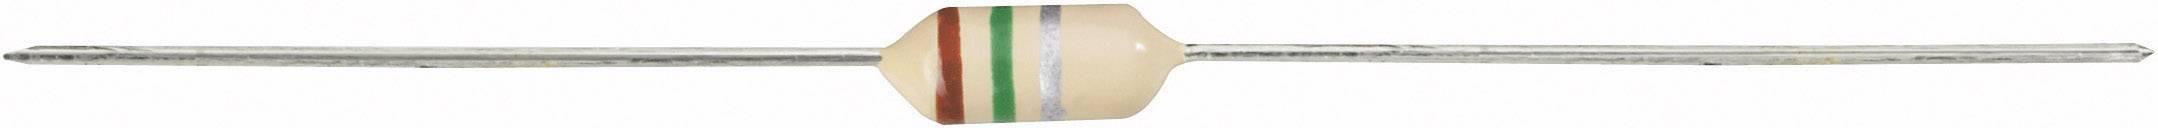 VF cívka Fastron SMCC-101J-02, 100 µH, 0,37 A, 10 %, SMCC-101, ferit